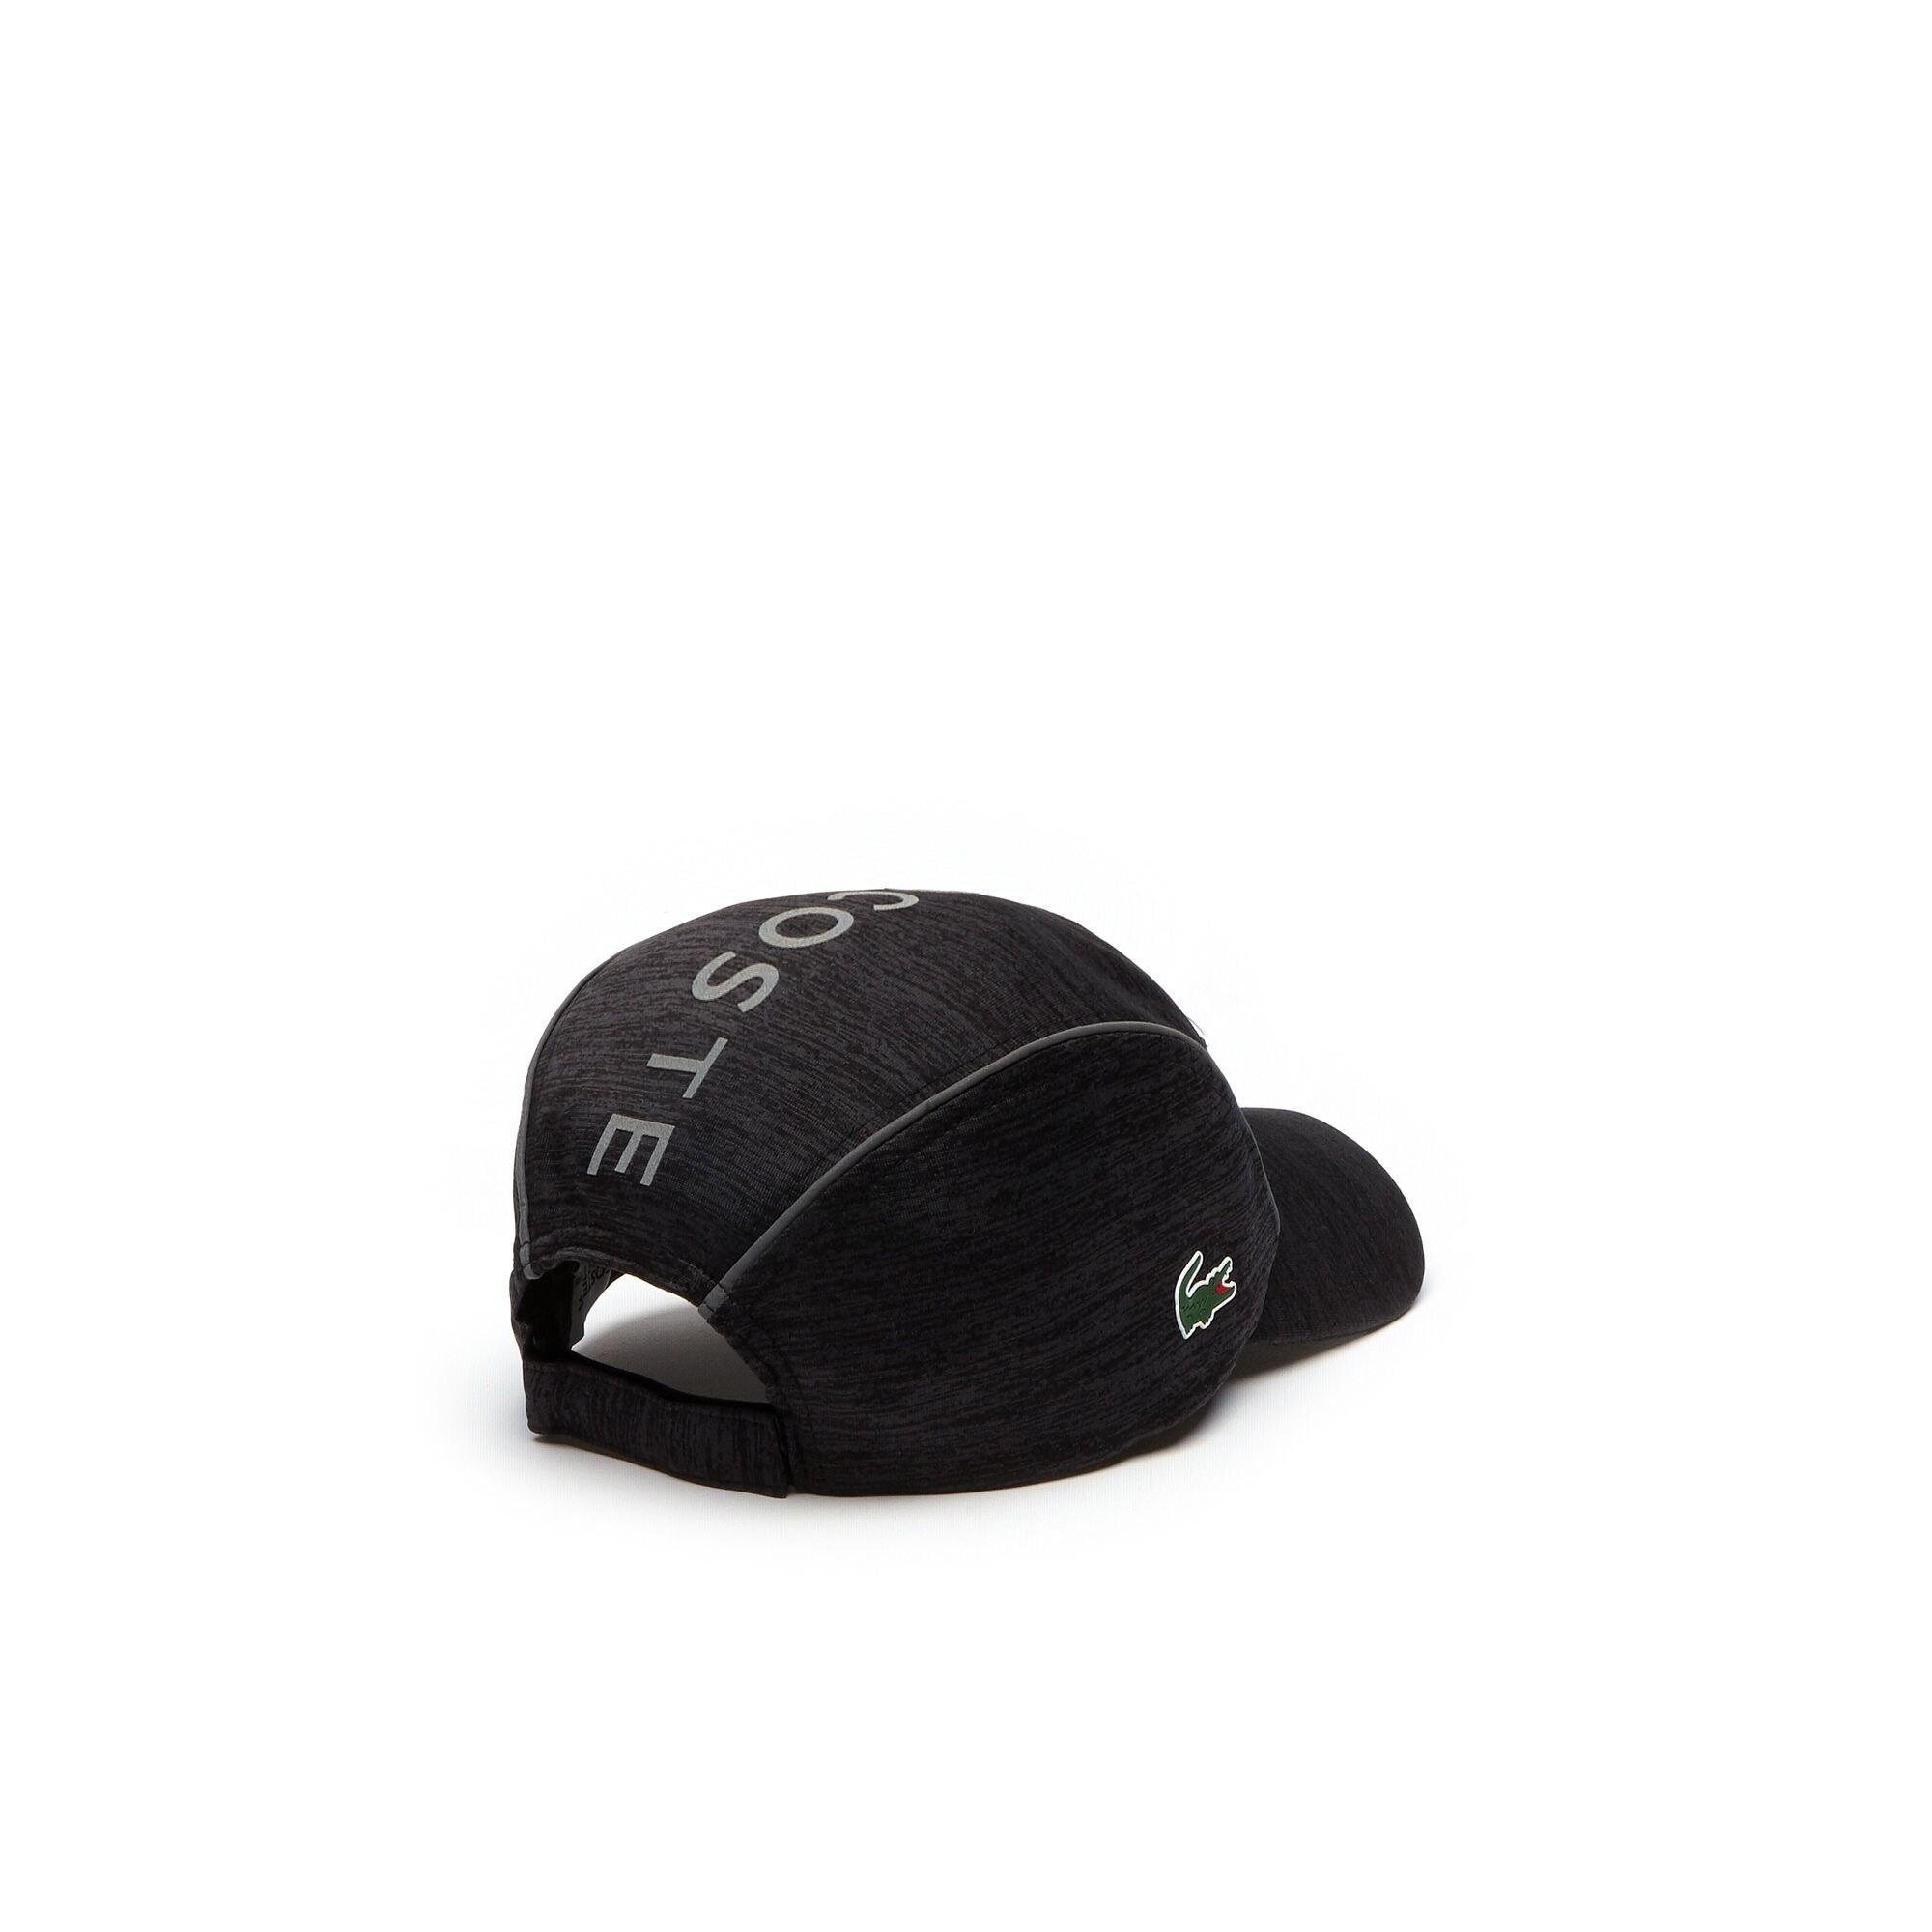 3dd2908a5 Lyst - Lacoste Sport Tennis Jersey & Metallic Mesh Cap in Black for ...